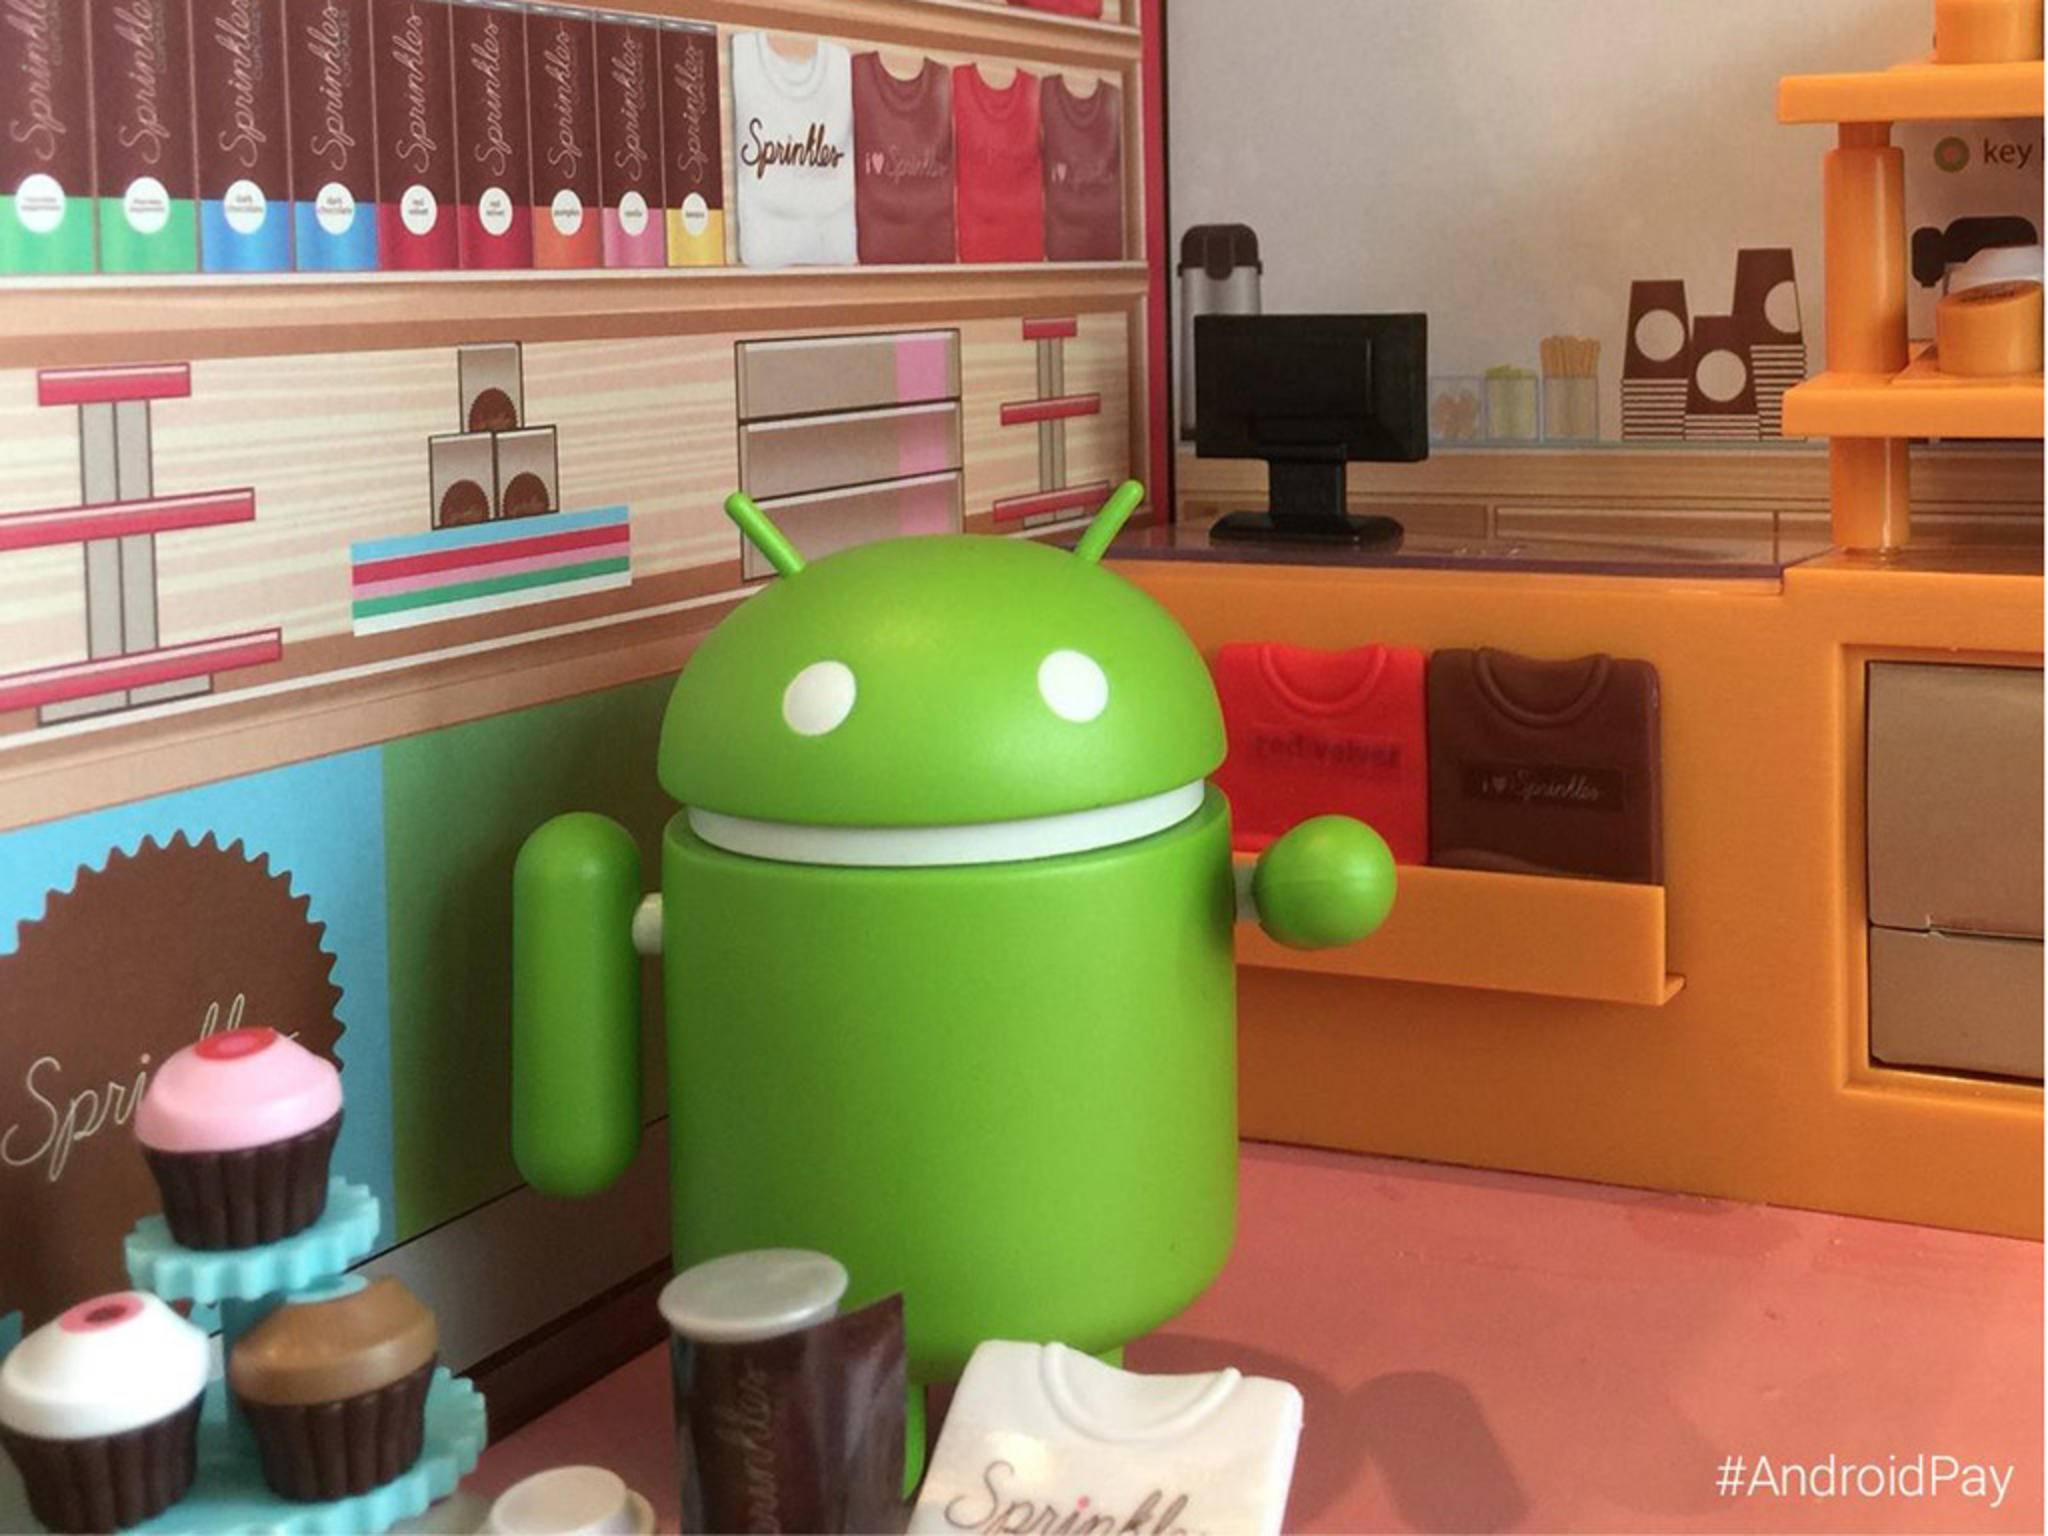 Viele Smartphones werden im Januar das Update auf Android 6.0 Marshmallow erhalten.